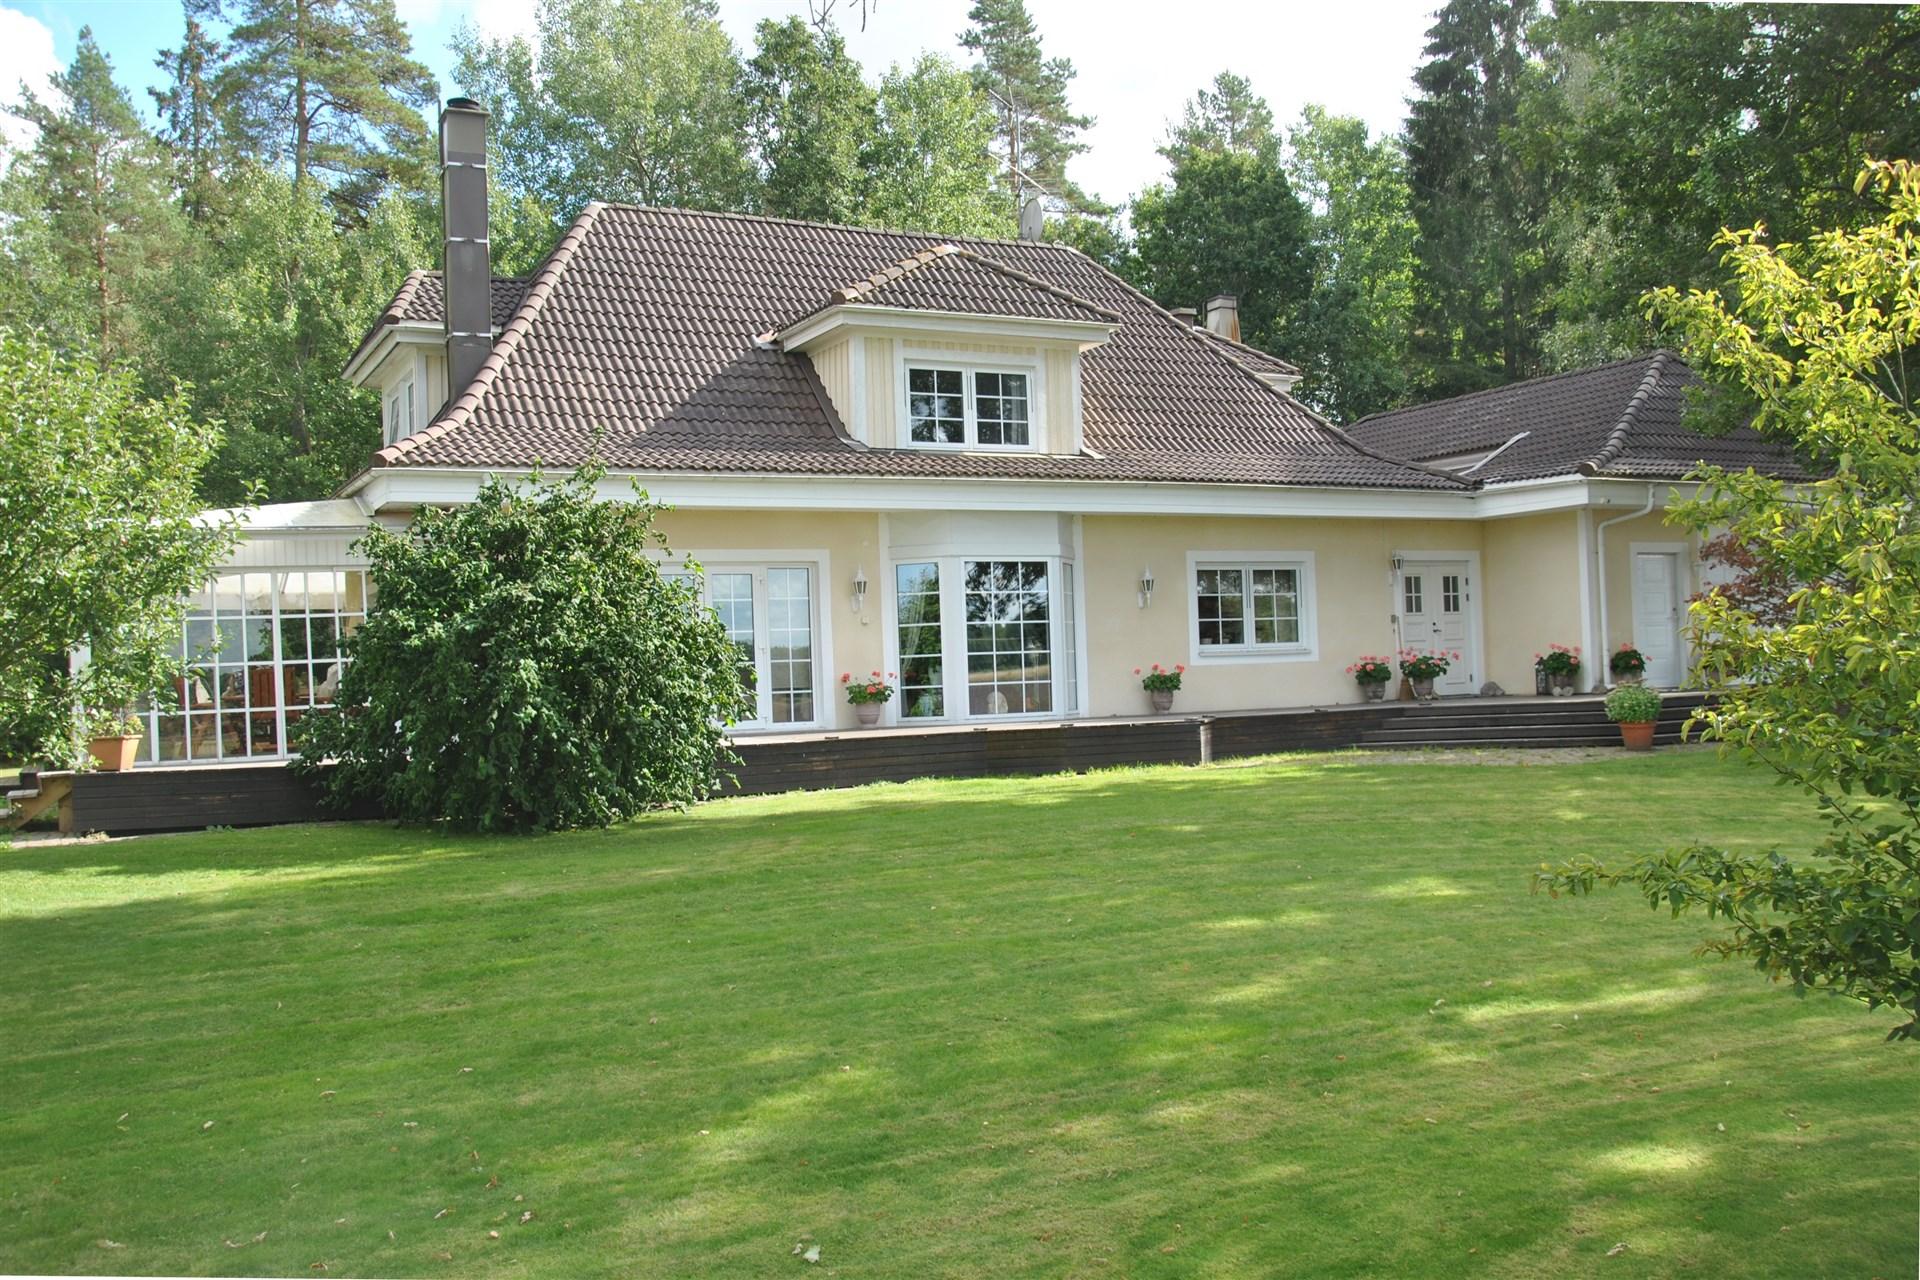 Gediget lösvirkeshus med putsad fasad, valmat tak och integrerat dubbelgarage